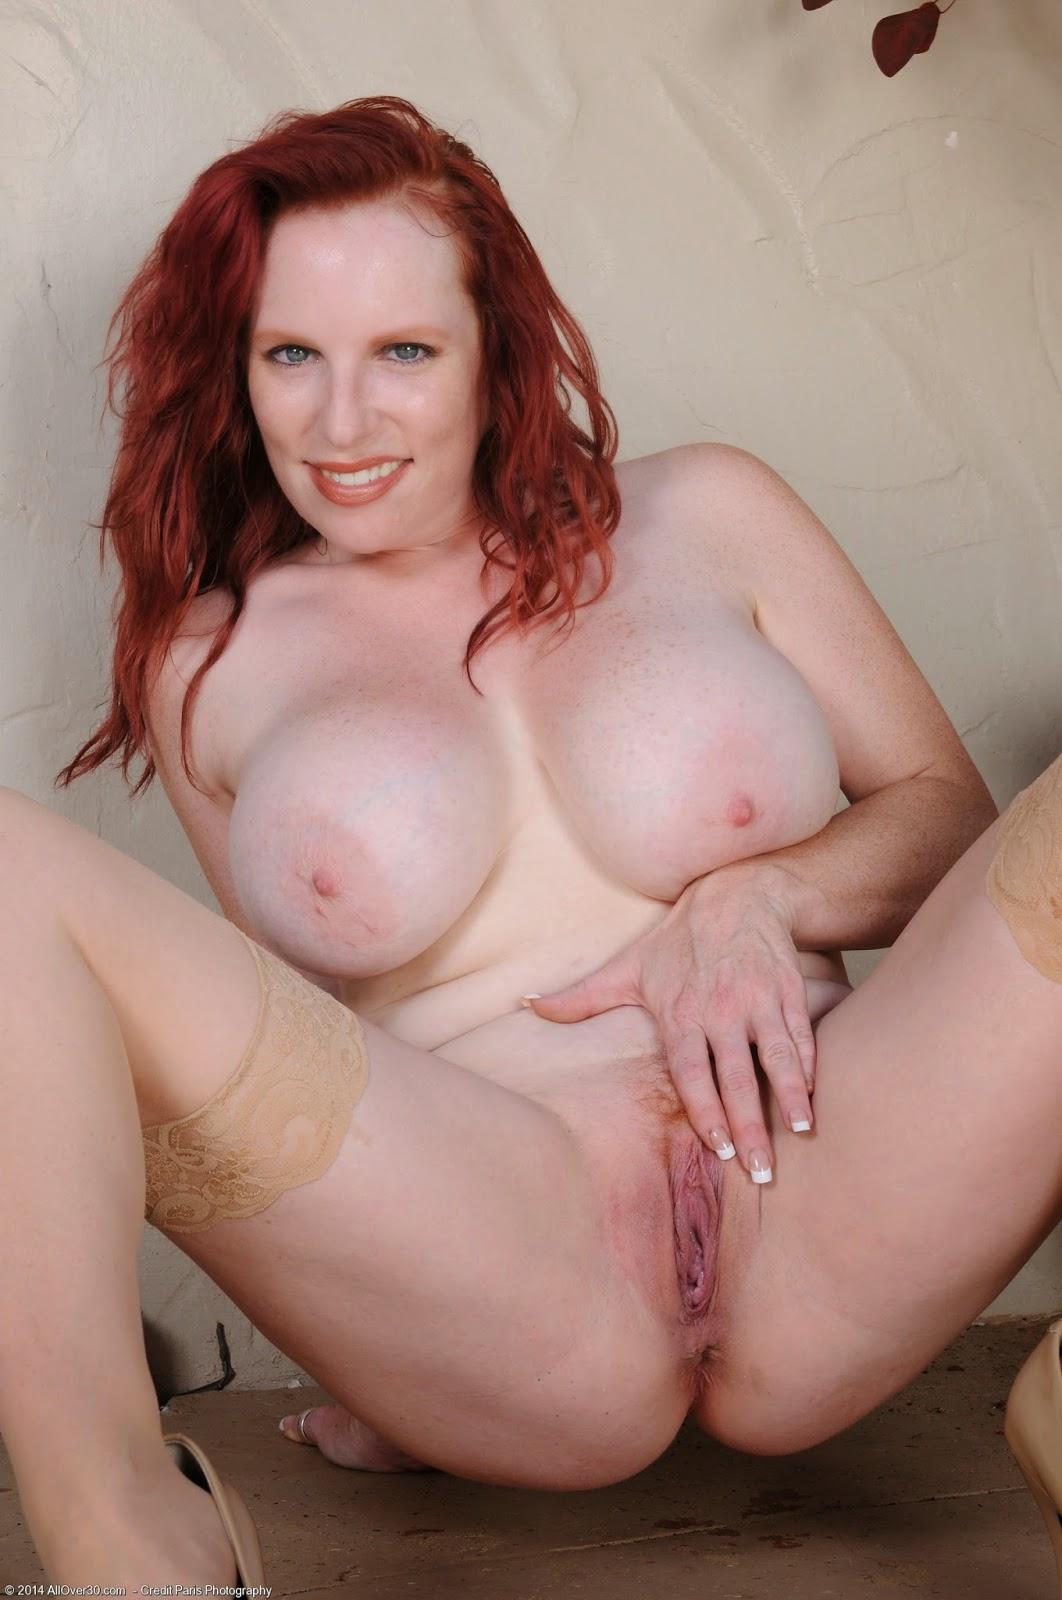 Redhead nude milf